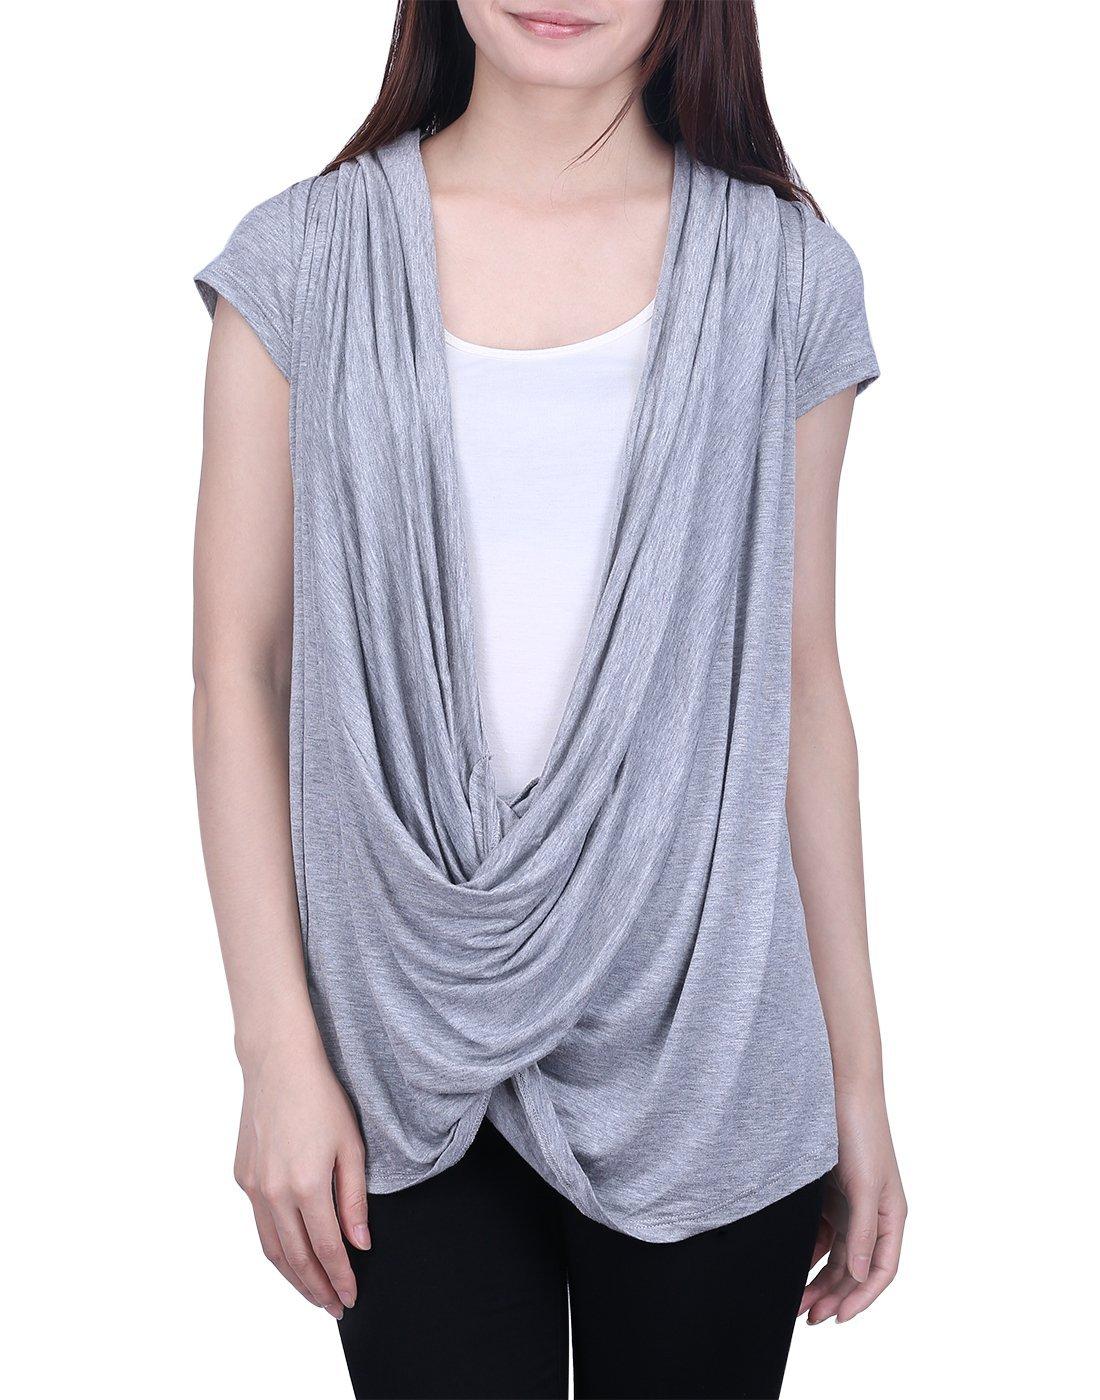 HDE Womens Short Sleeve Nursing Top Criss Cross Lightweight Breastfeeding Shirt